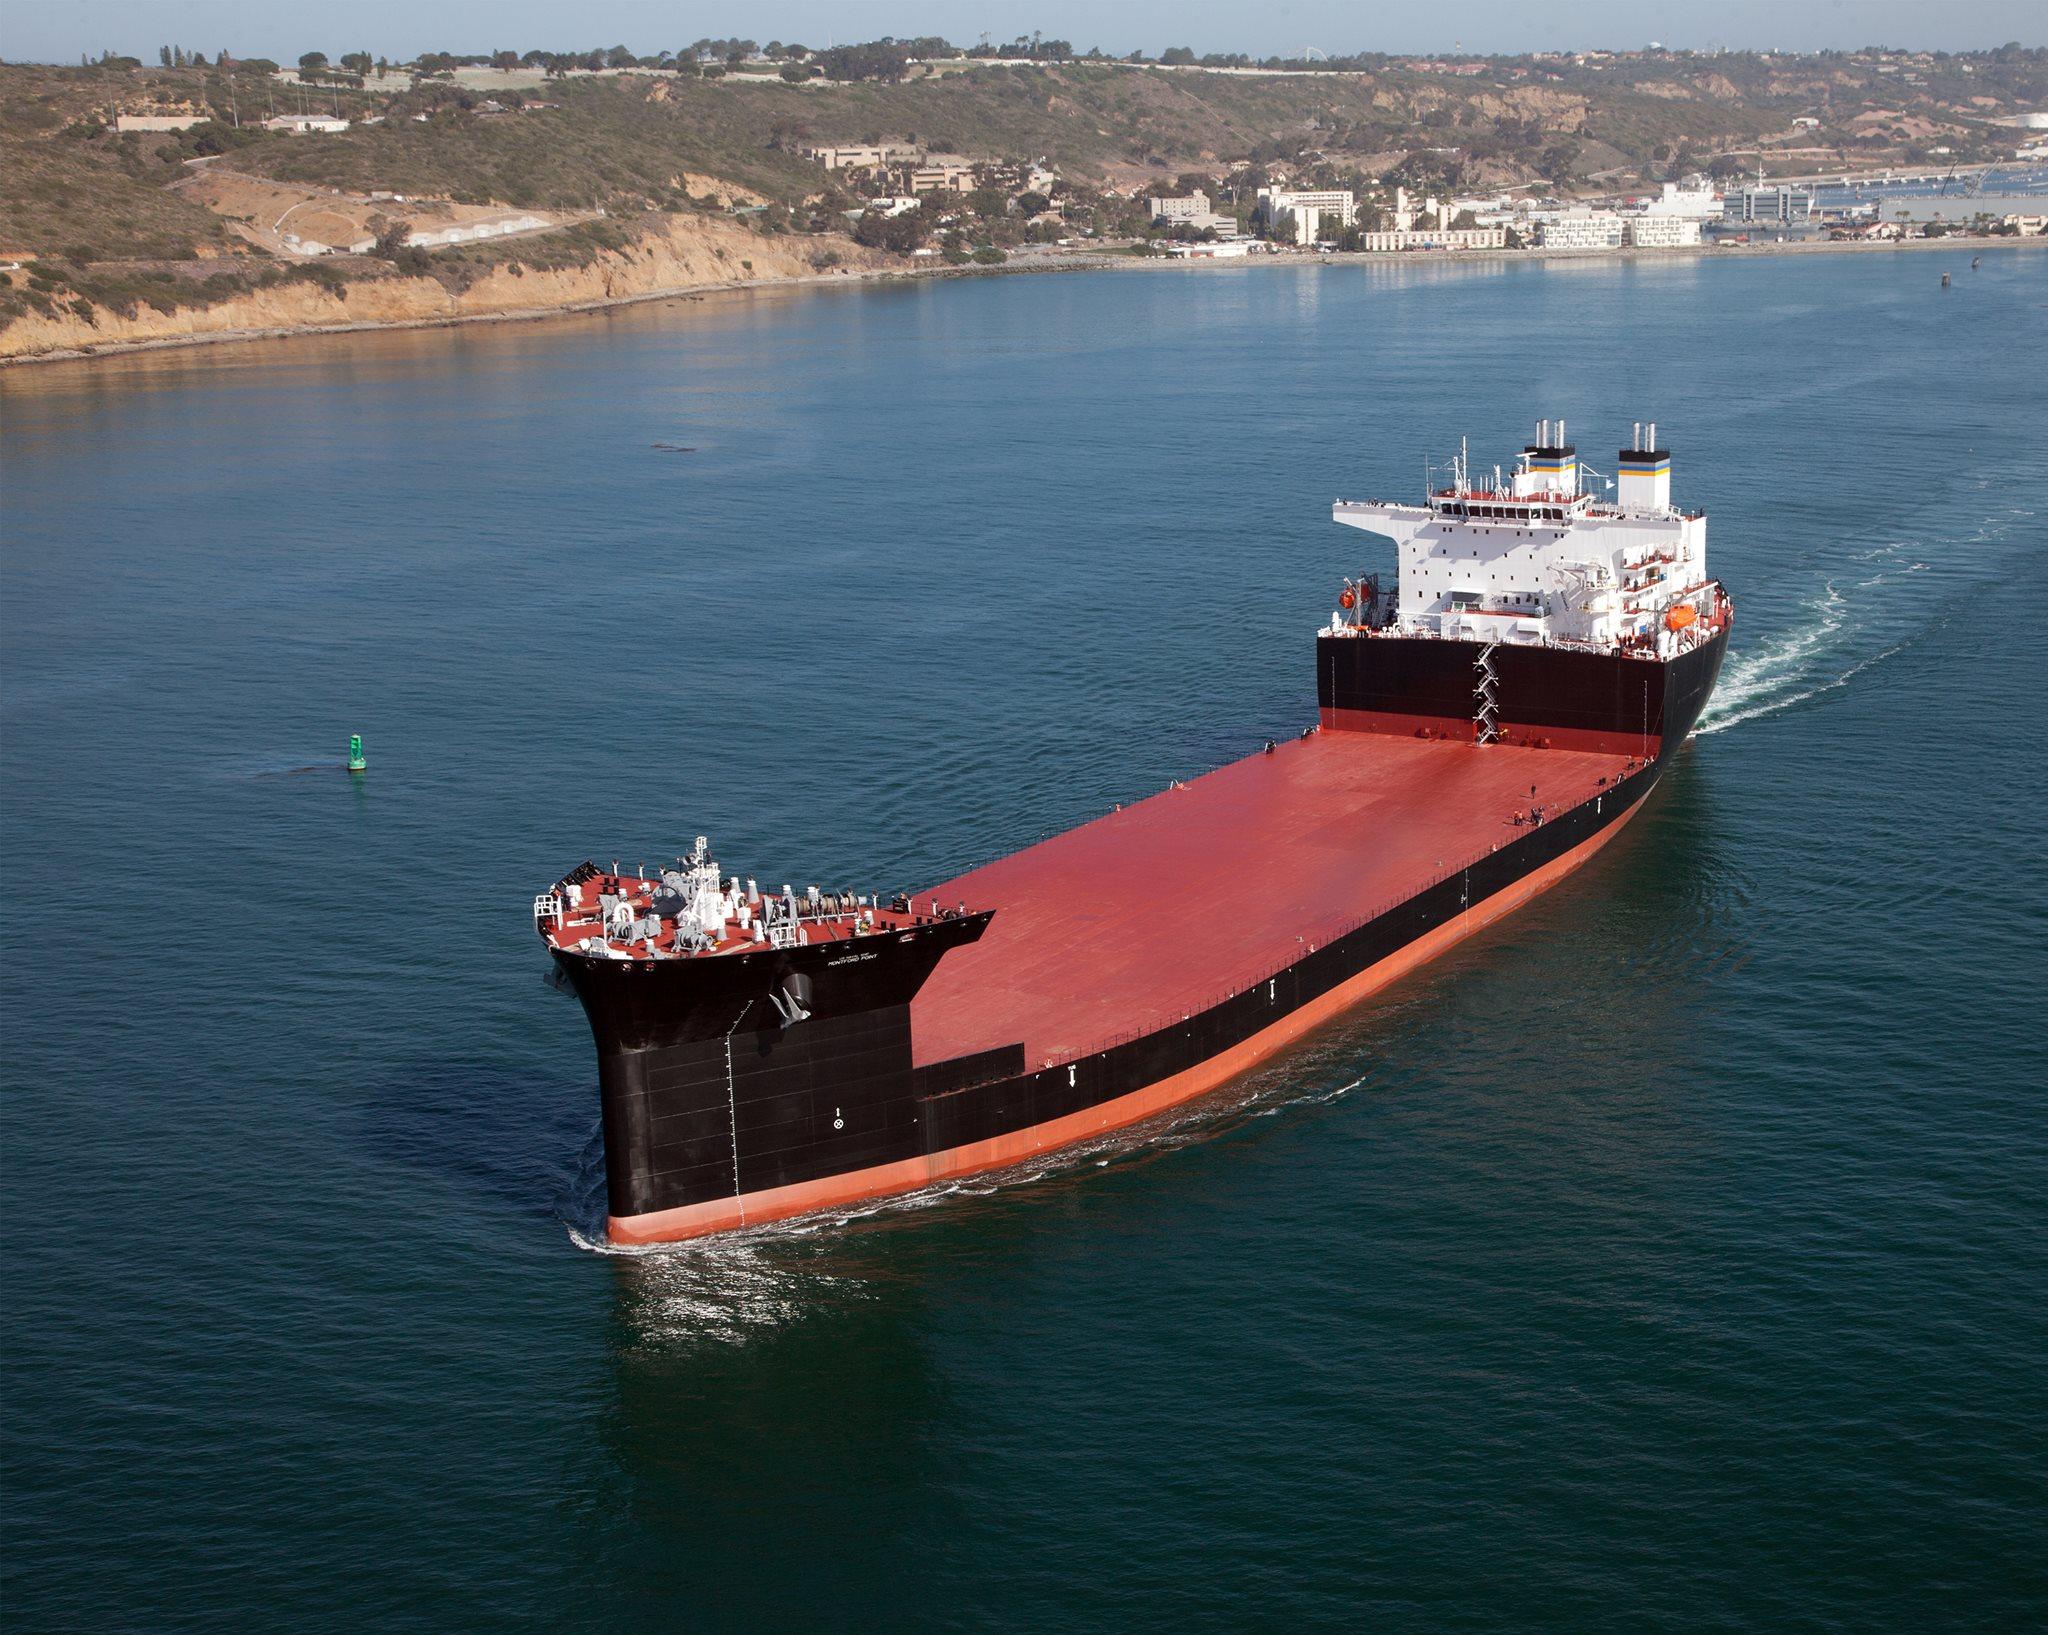 нее фотографии трюма морского грузового корабля день гражданской обороны